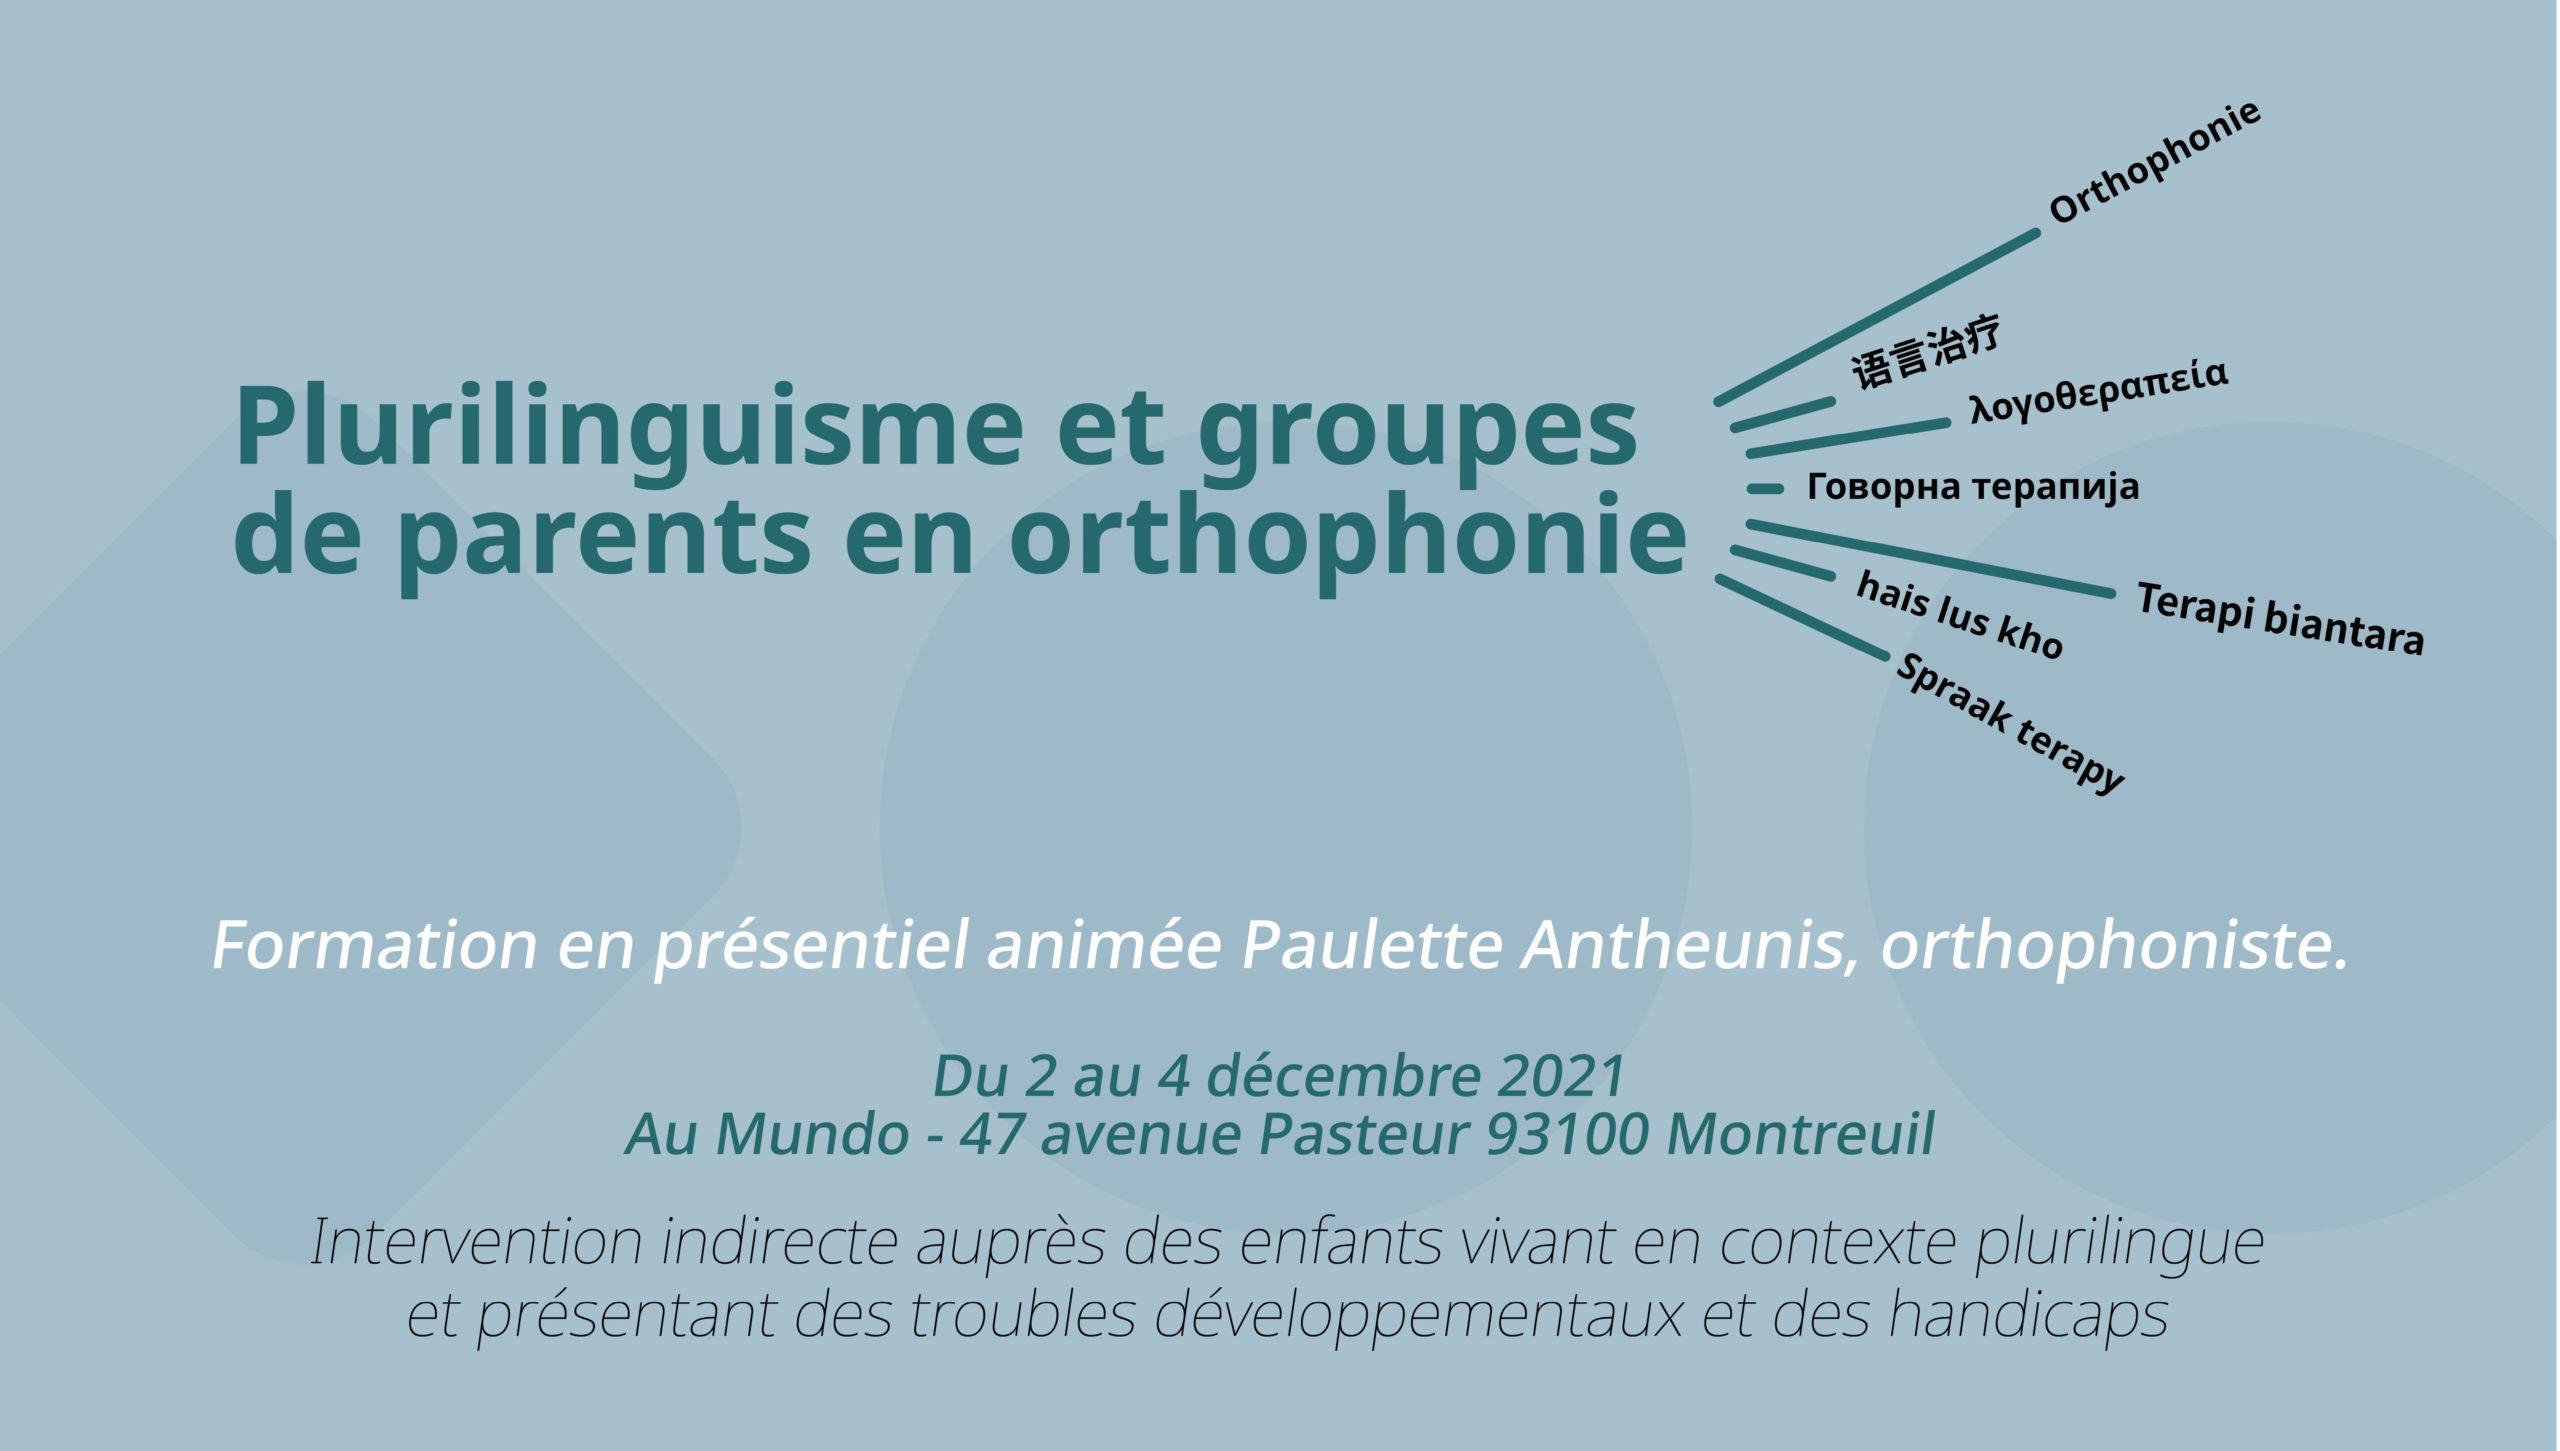 Plurilinguisme et groupes de parents en orthophonie